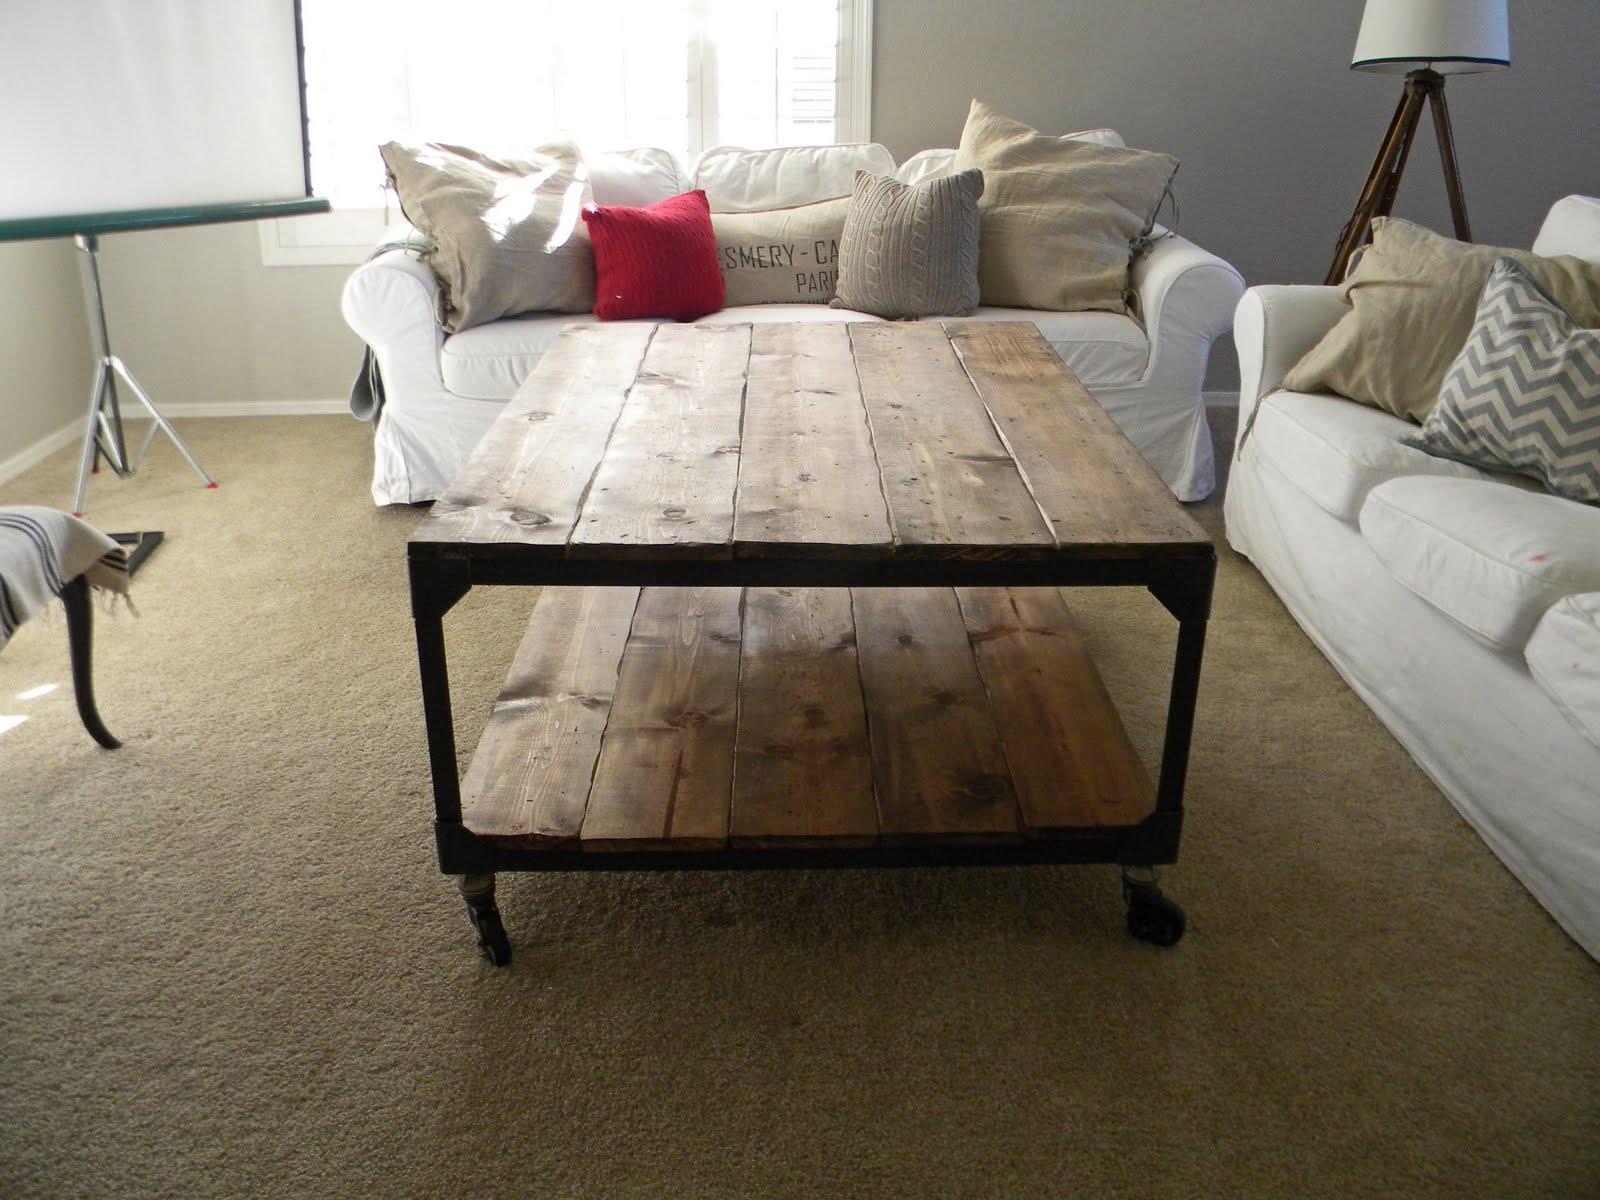 grand design barn sale inventory. Black Bedroom Furniture Sets. Home Design Ideas